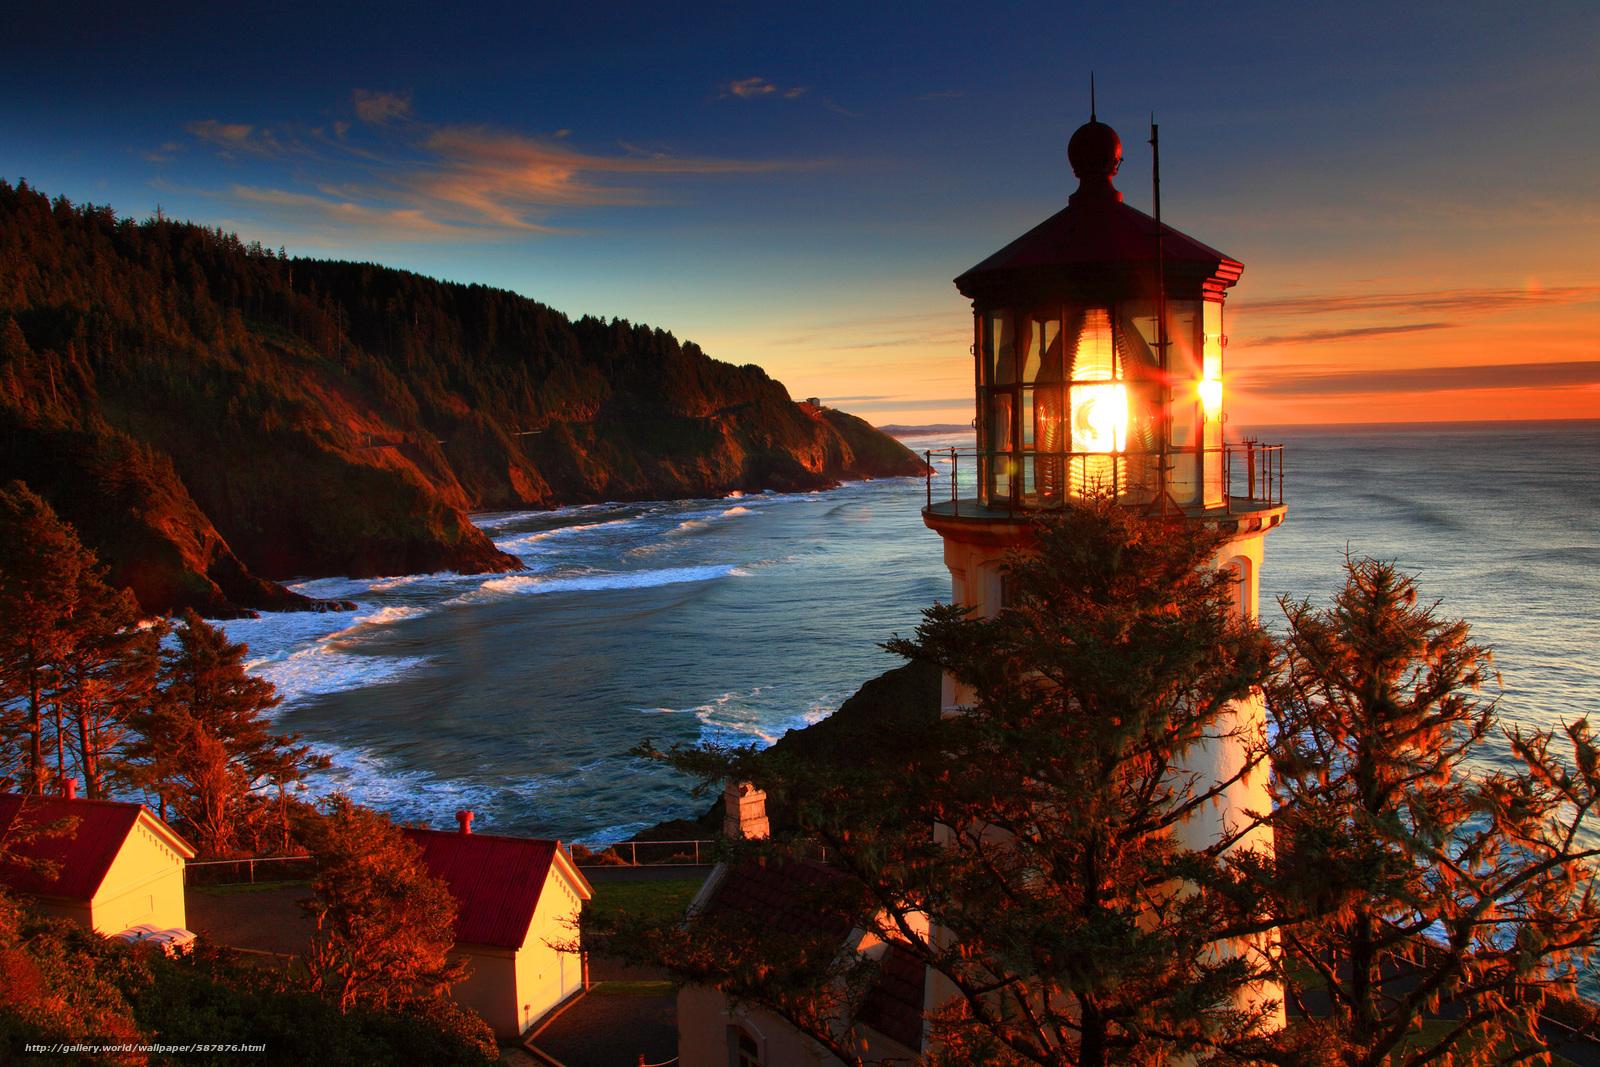 壁紙をダウンロード 海岸,  海,  自然,  灯台 デスクトップの解像度のための無料壁紙 2100x1400 — 絵 №587876